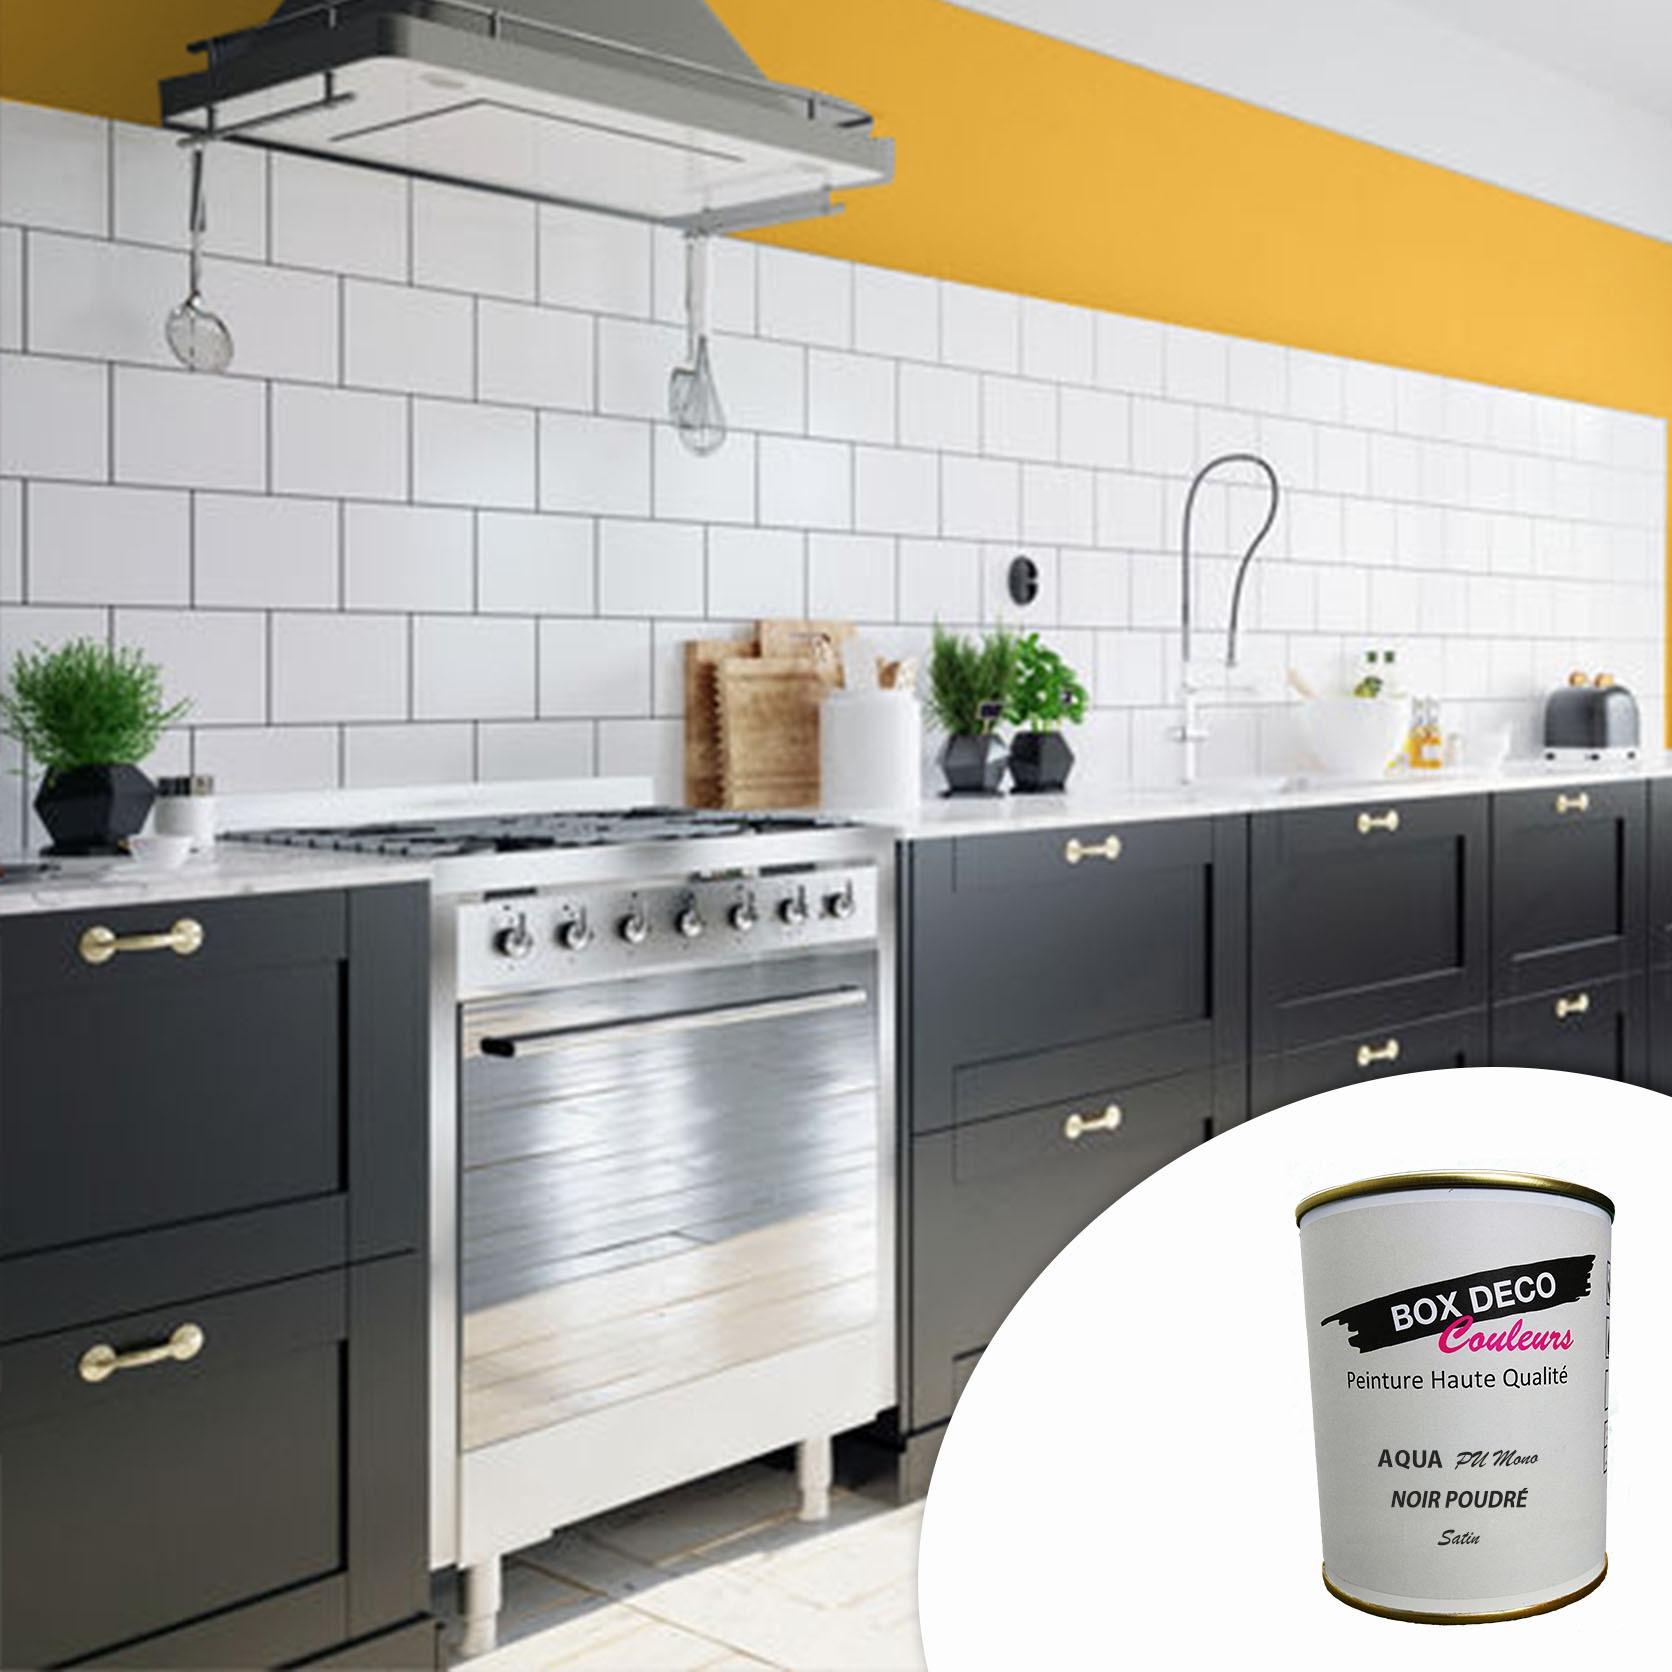 Peinture meuble de cuisine et salle de bain aspect satin